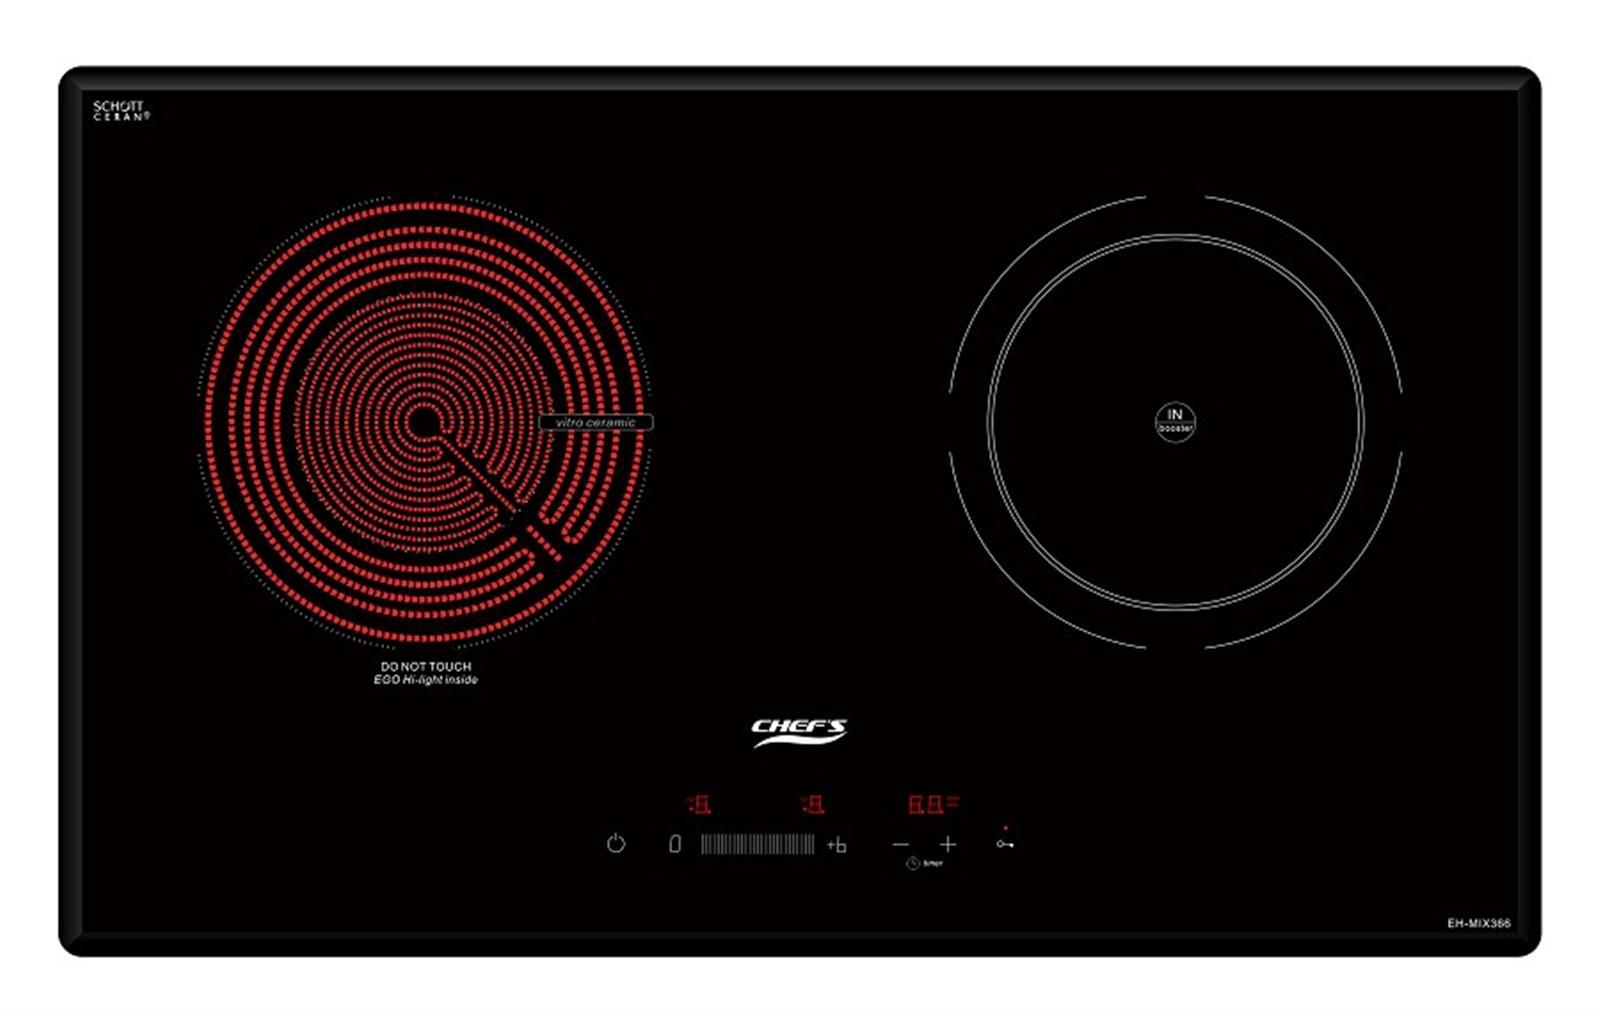 Bếp điện từ Chefs EH MIX 366 lựa chọn hoàn hảo dành cho nhà  bếp.